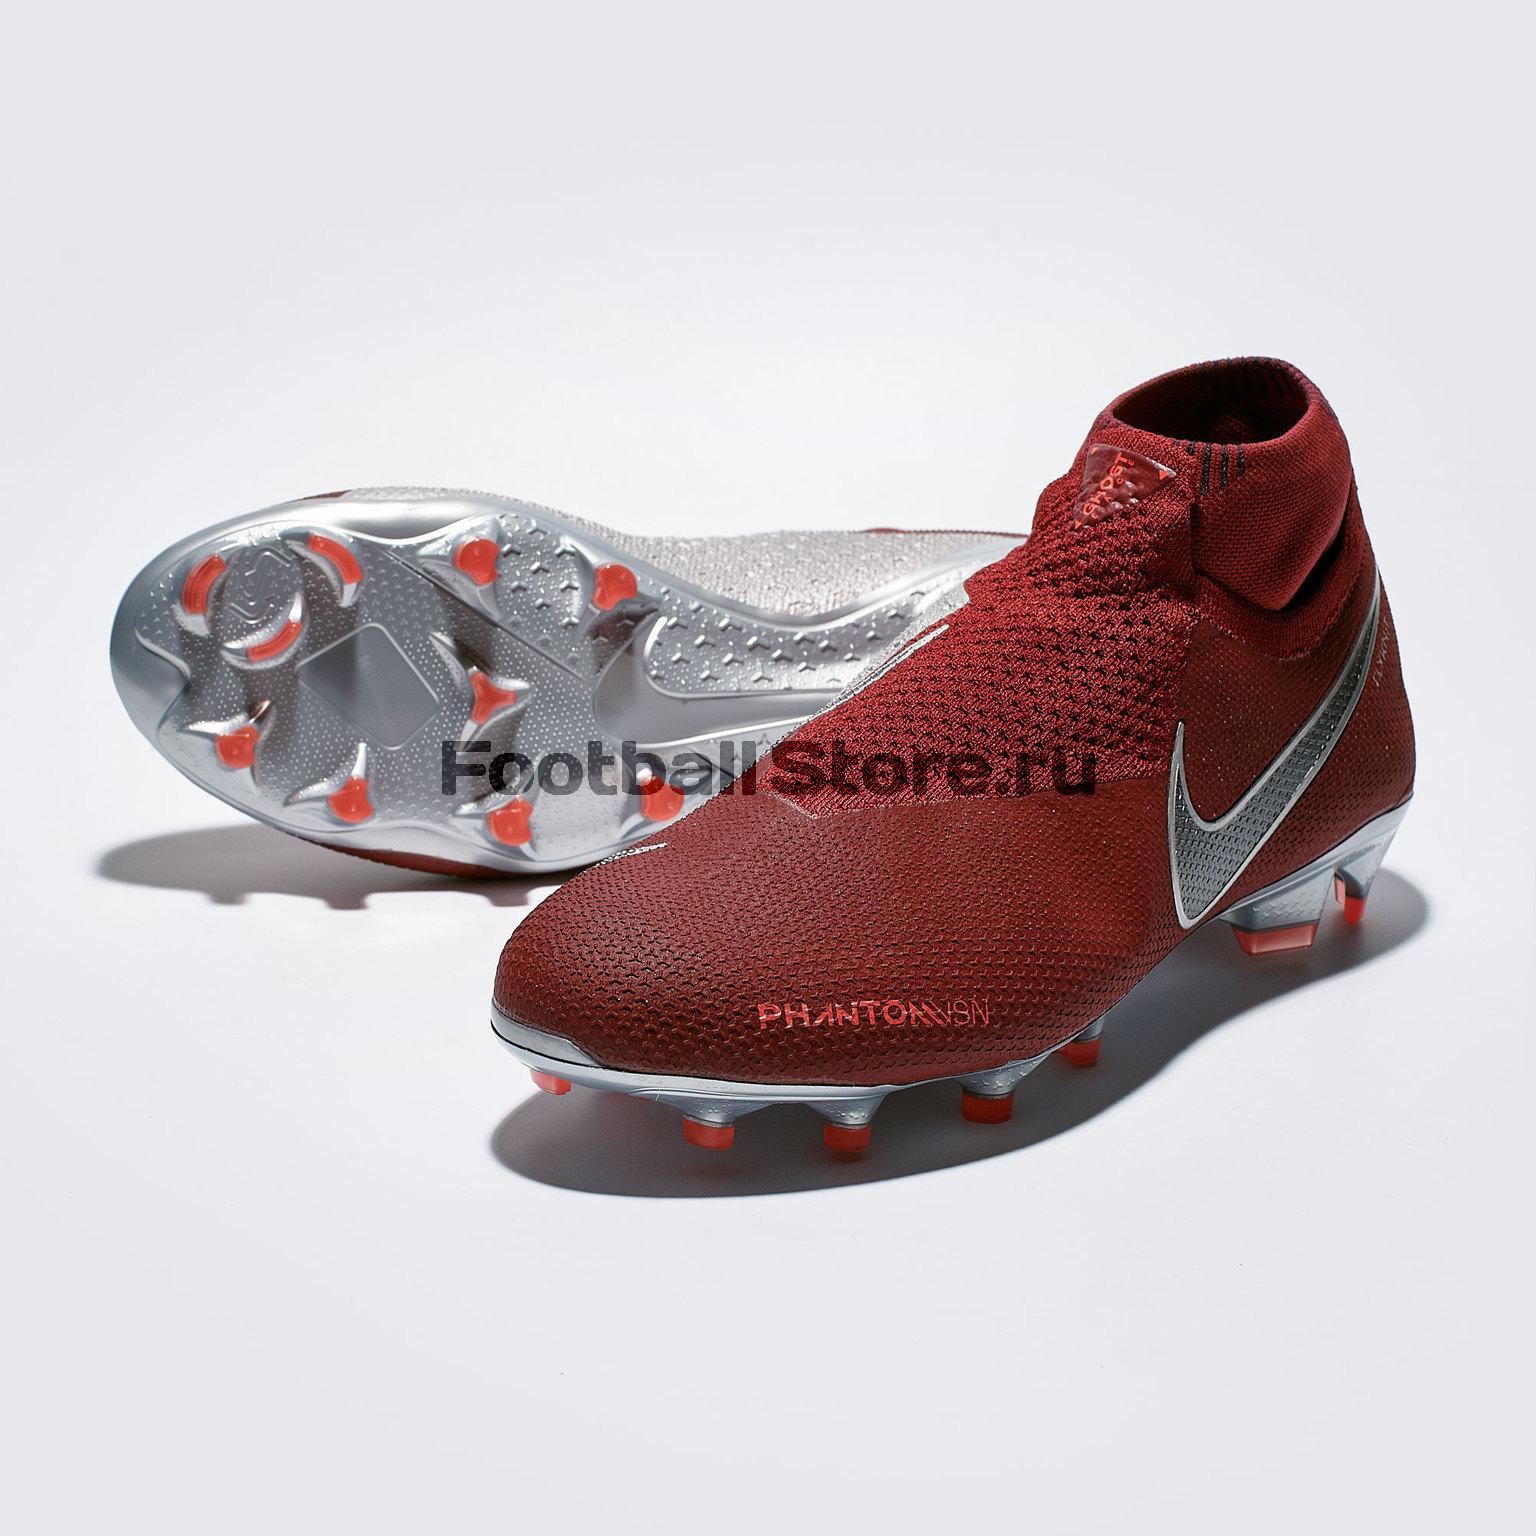 Бутсы Nike Phantom Vision Elite DF FG AO3262-606 бутсы nike phantom vision elite df ag pro ao3261 606